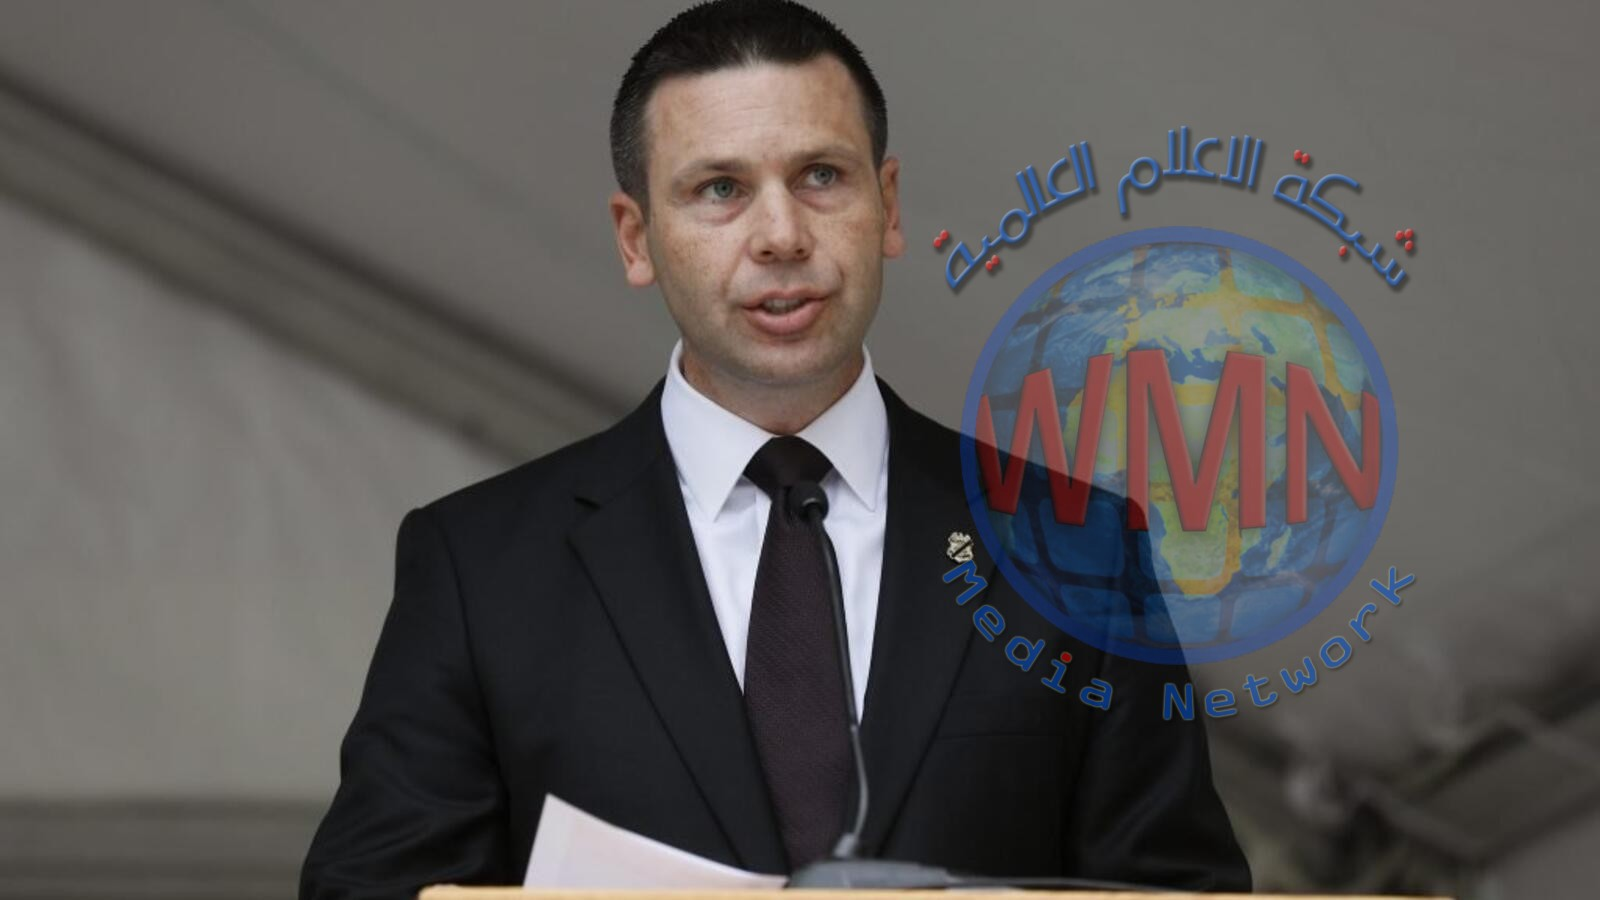 استقالة وزير الأمن الداخلي الأمريكي بالوكالة كيفن ماكالينان